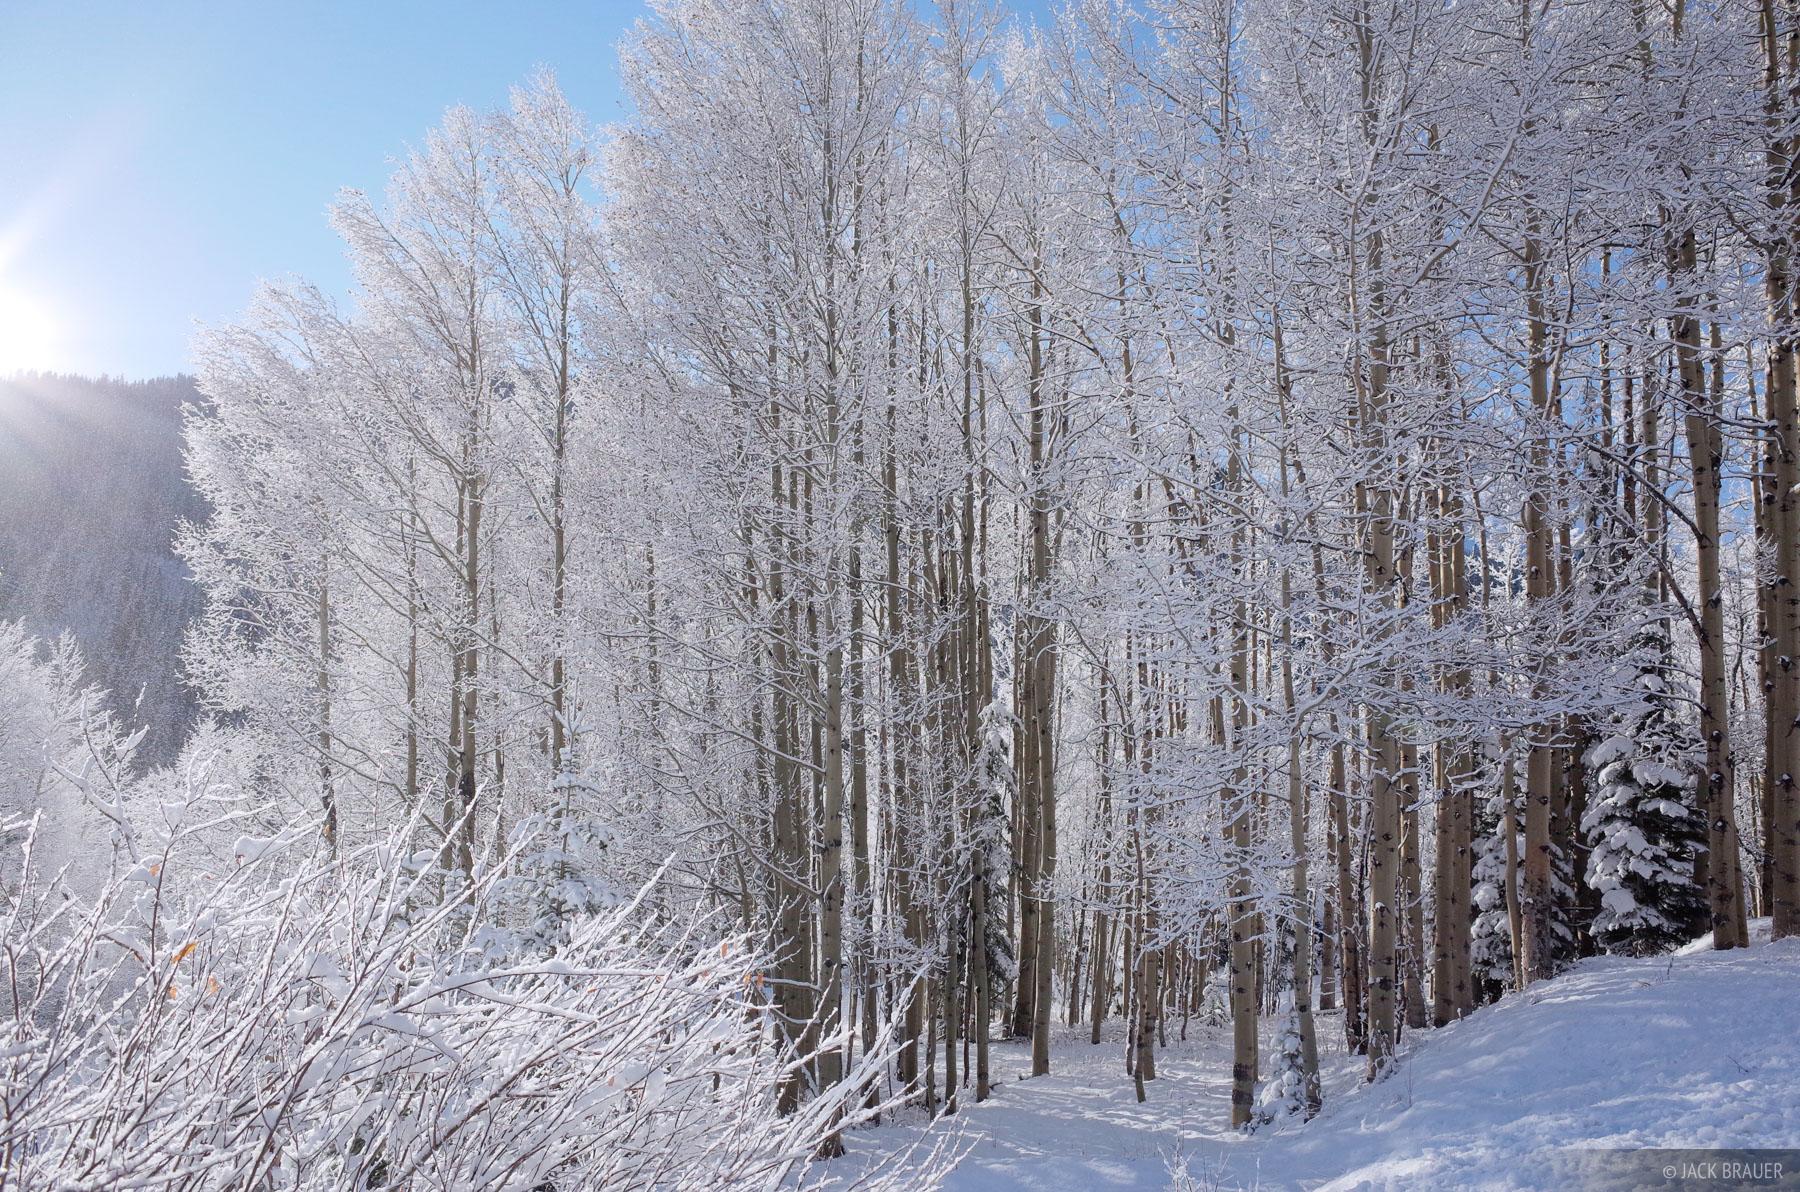 San Juan Mountains, Colorado, aspens, winter, skiing, photo